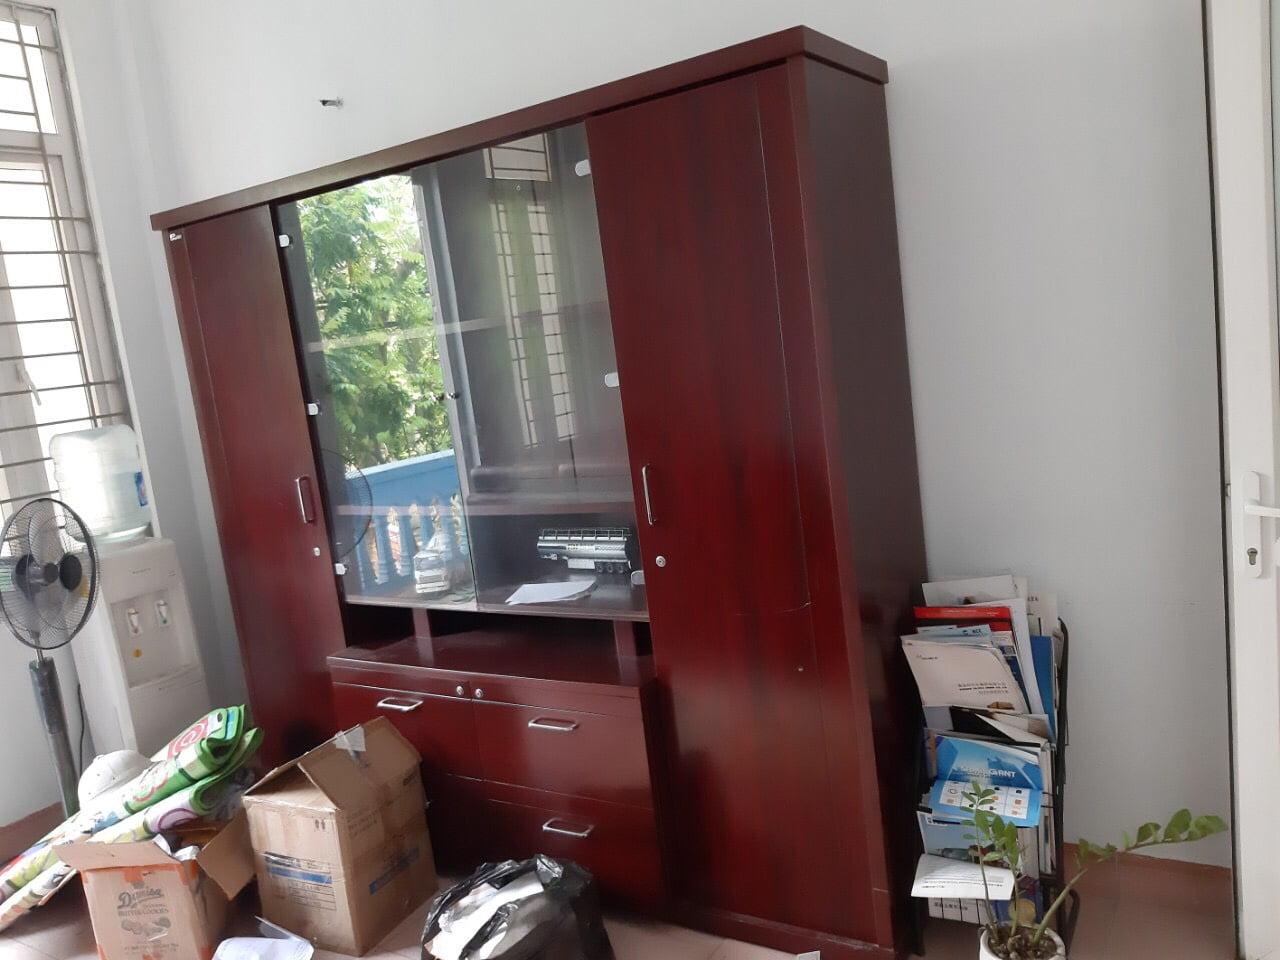 Thanh lý tủ văn phòng Long Biên giá rẻ nhất